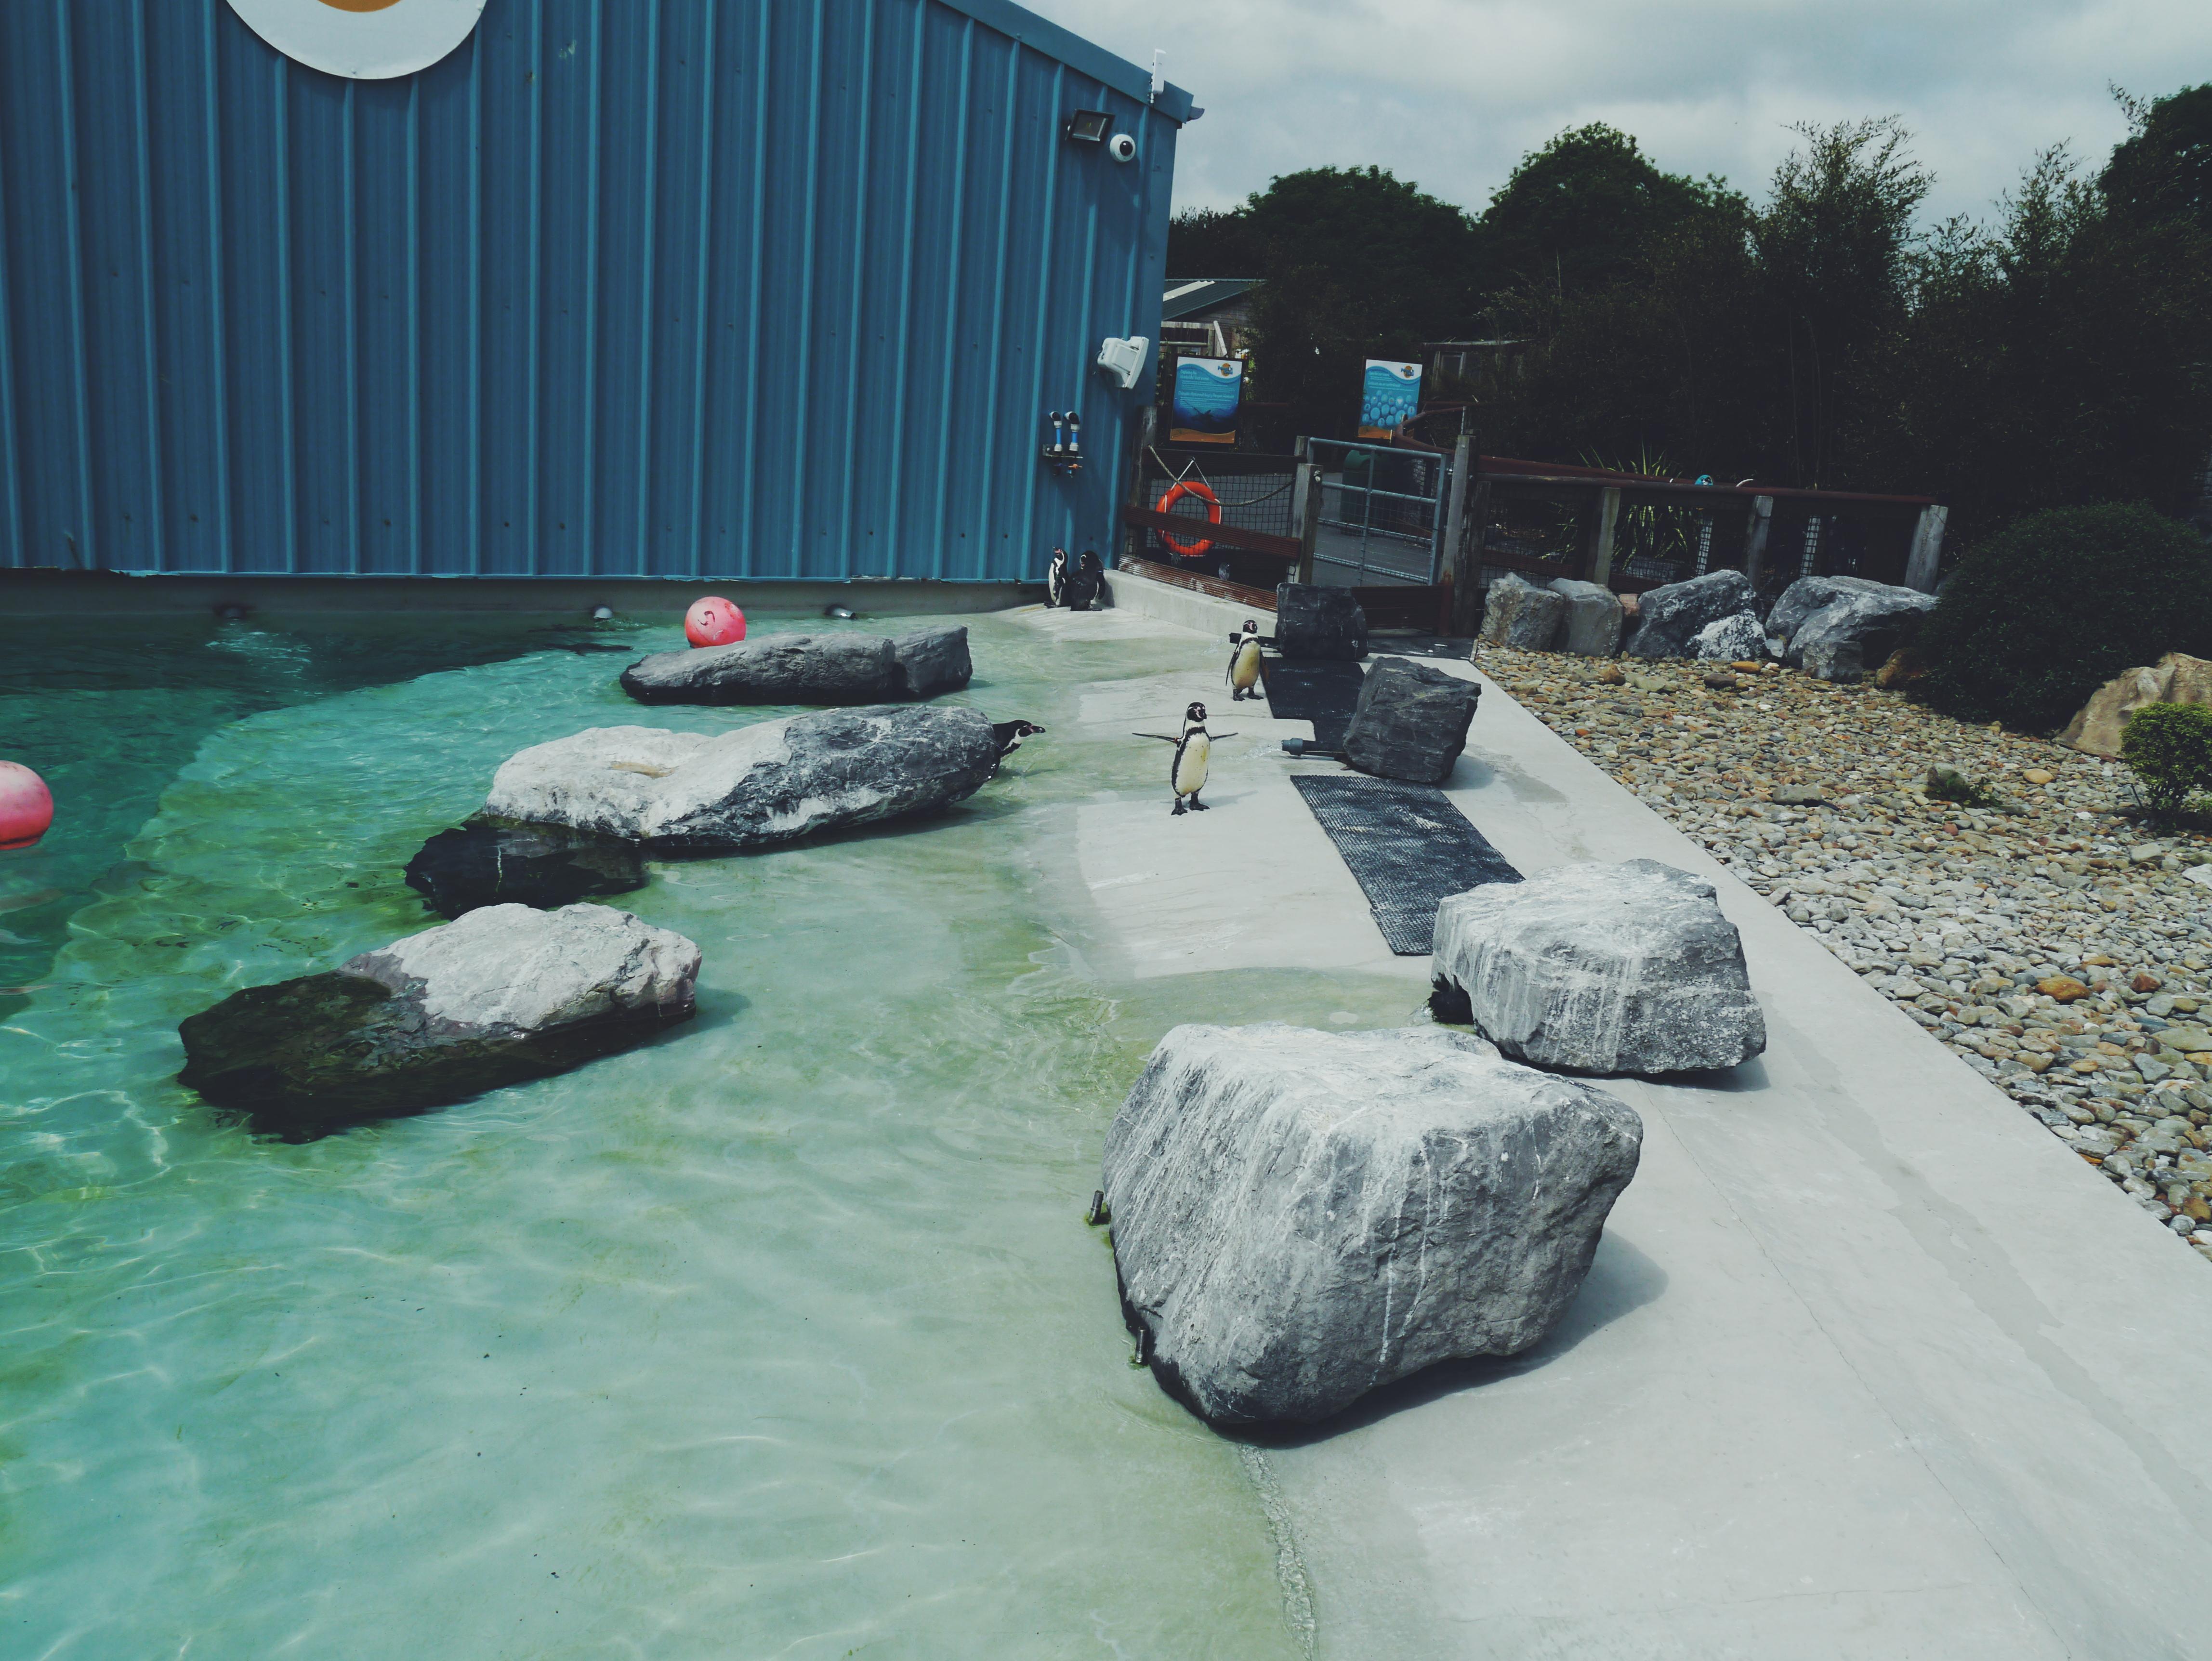 Folly-farm-penguins